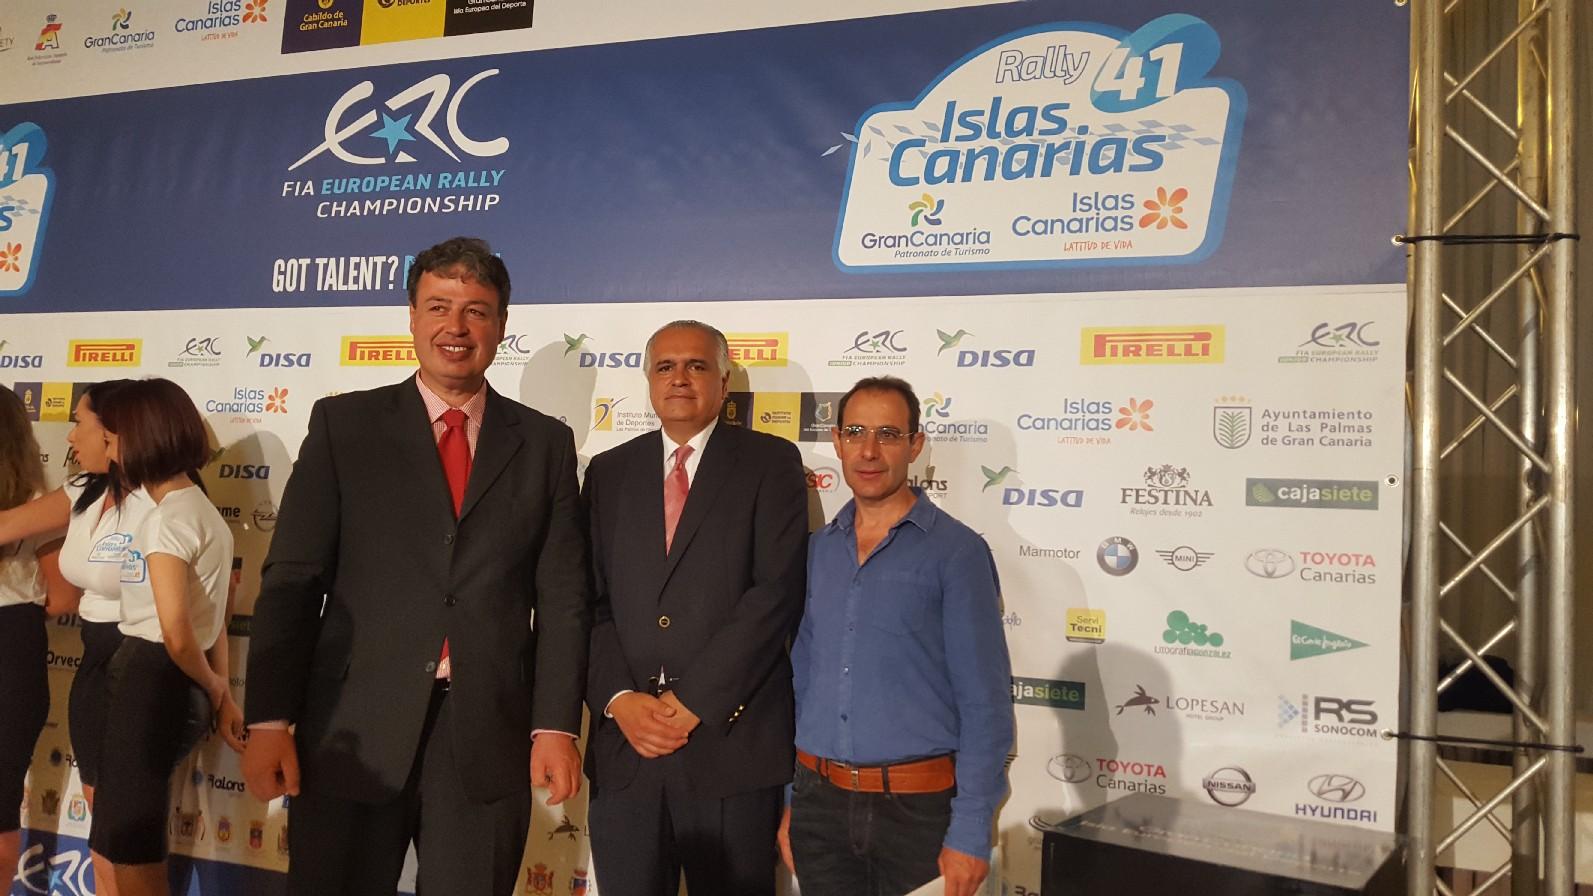 Antonio Ortega y Miguel Reyes en la presentacion del Rallie Islas Canarias